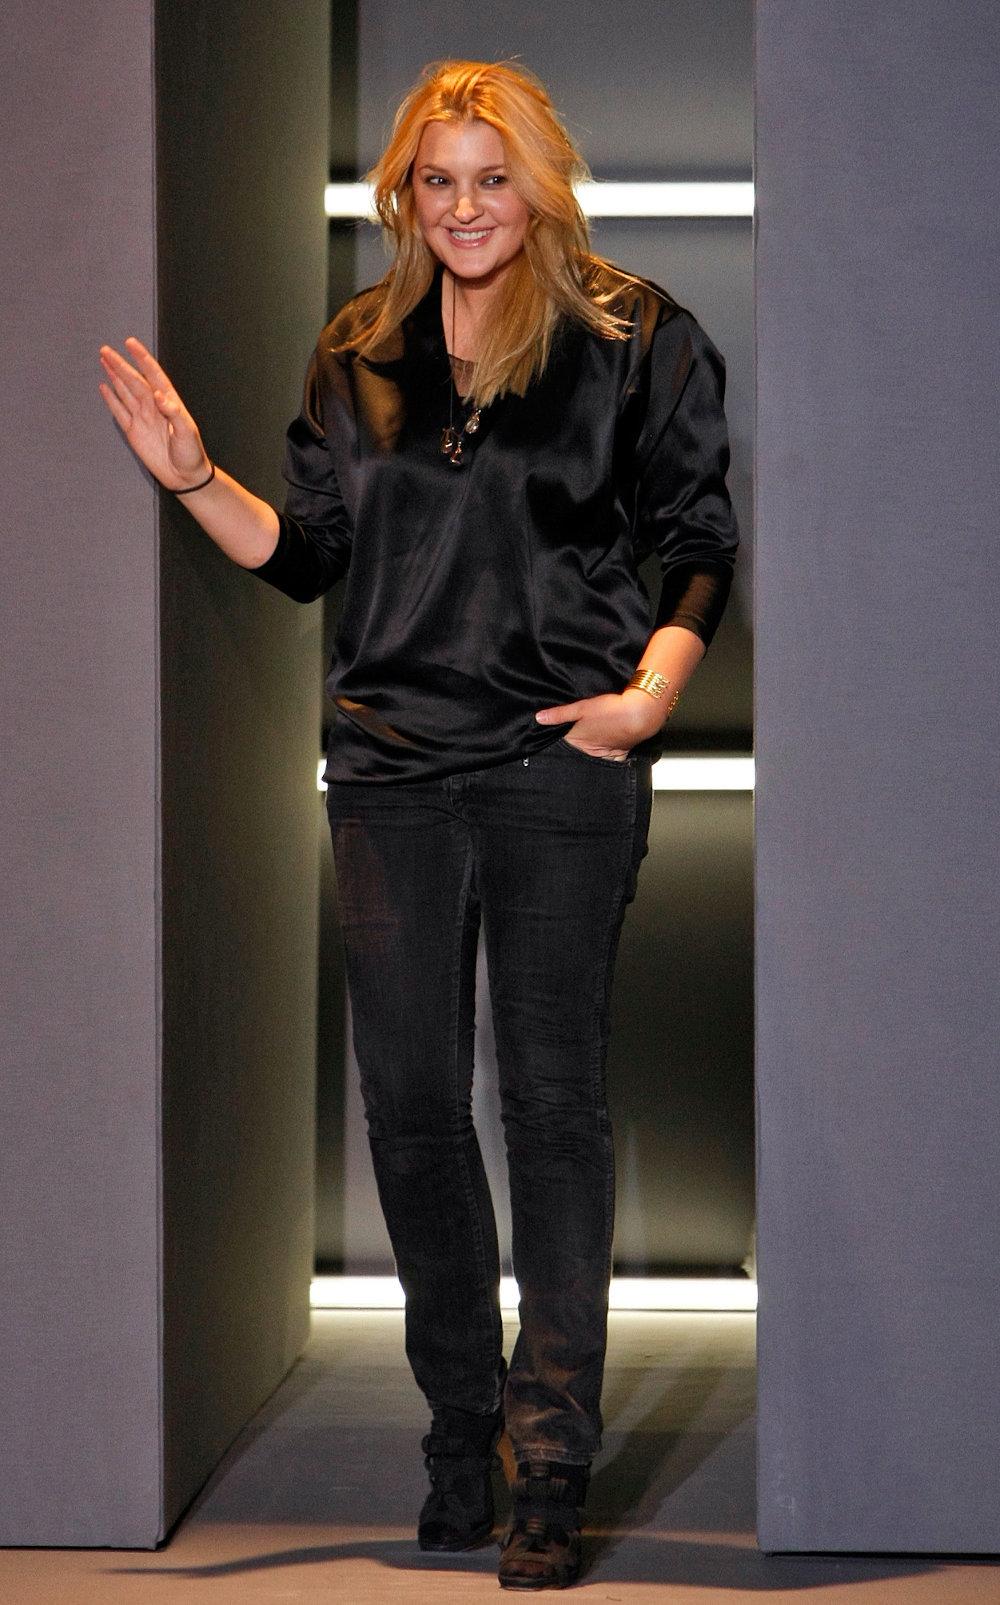 Η Ελληνίδα σχεδιάστρια μόδας Σοφία Κοκοσαλάκη